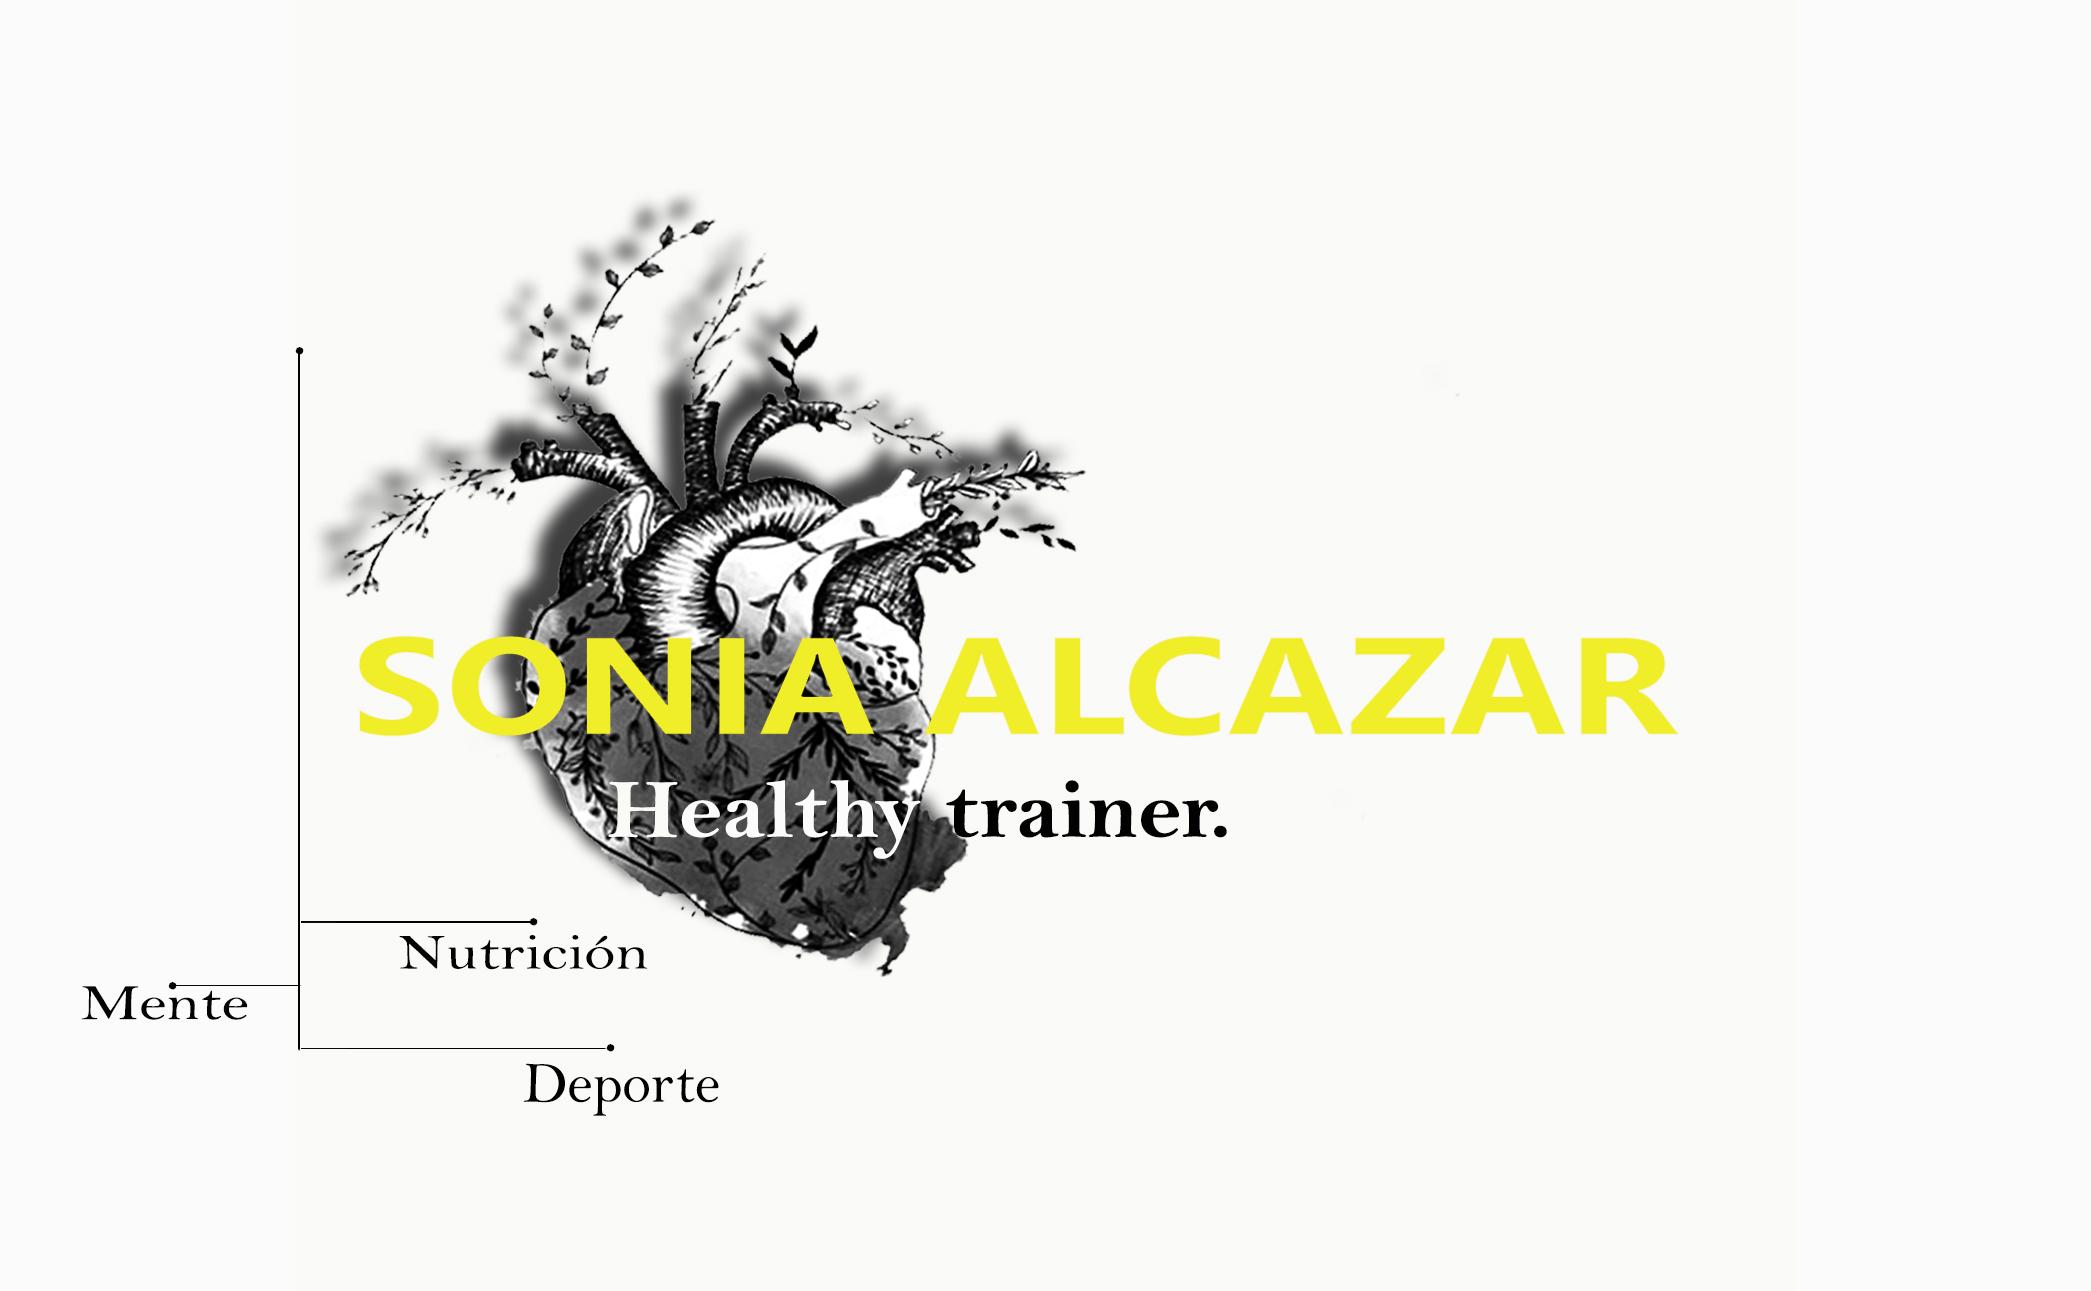 healthy trainer y nutricion